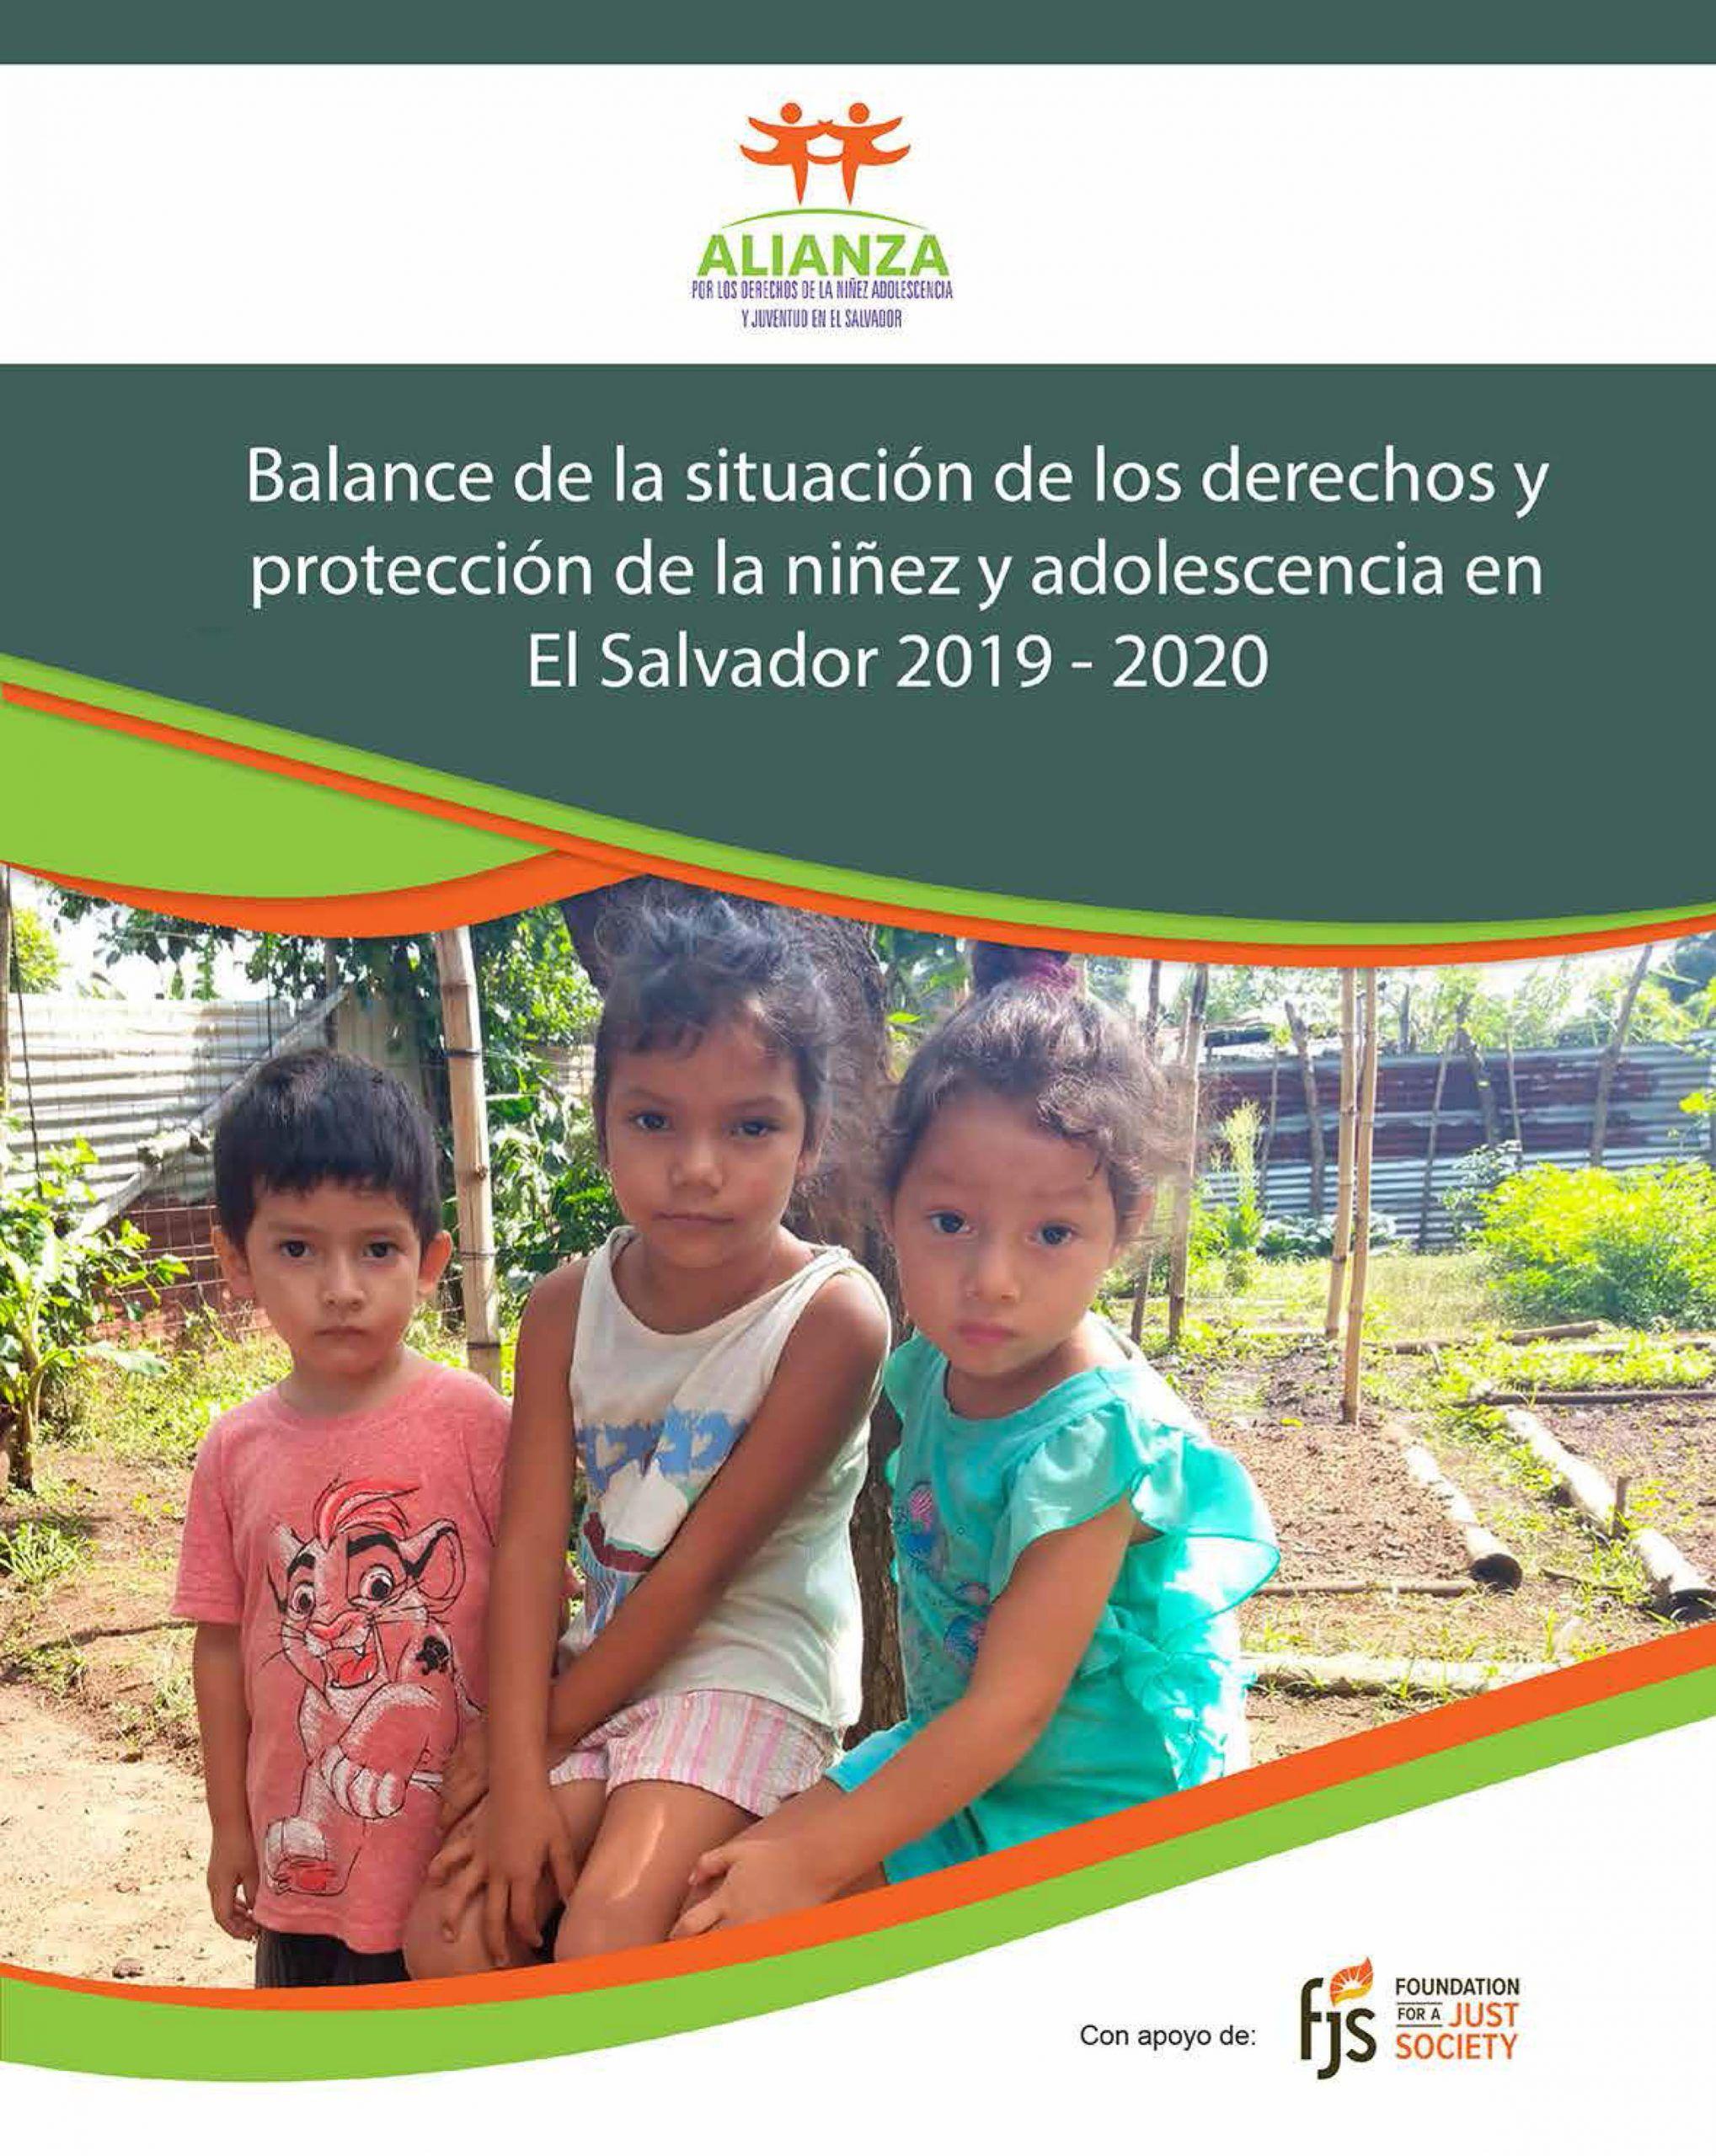 Balance de la situación de los derechos y protección de la niñez y adolescencia (2019- 2020)